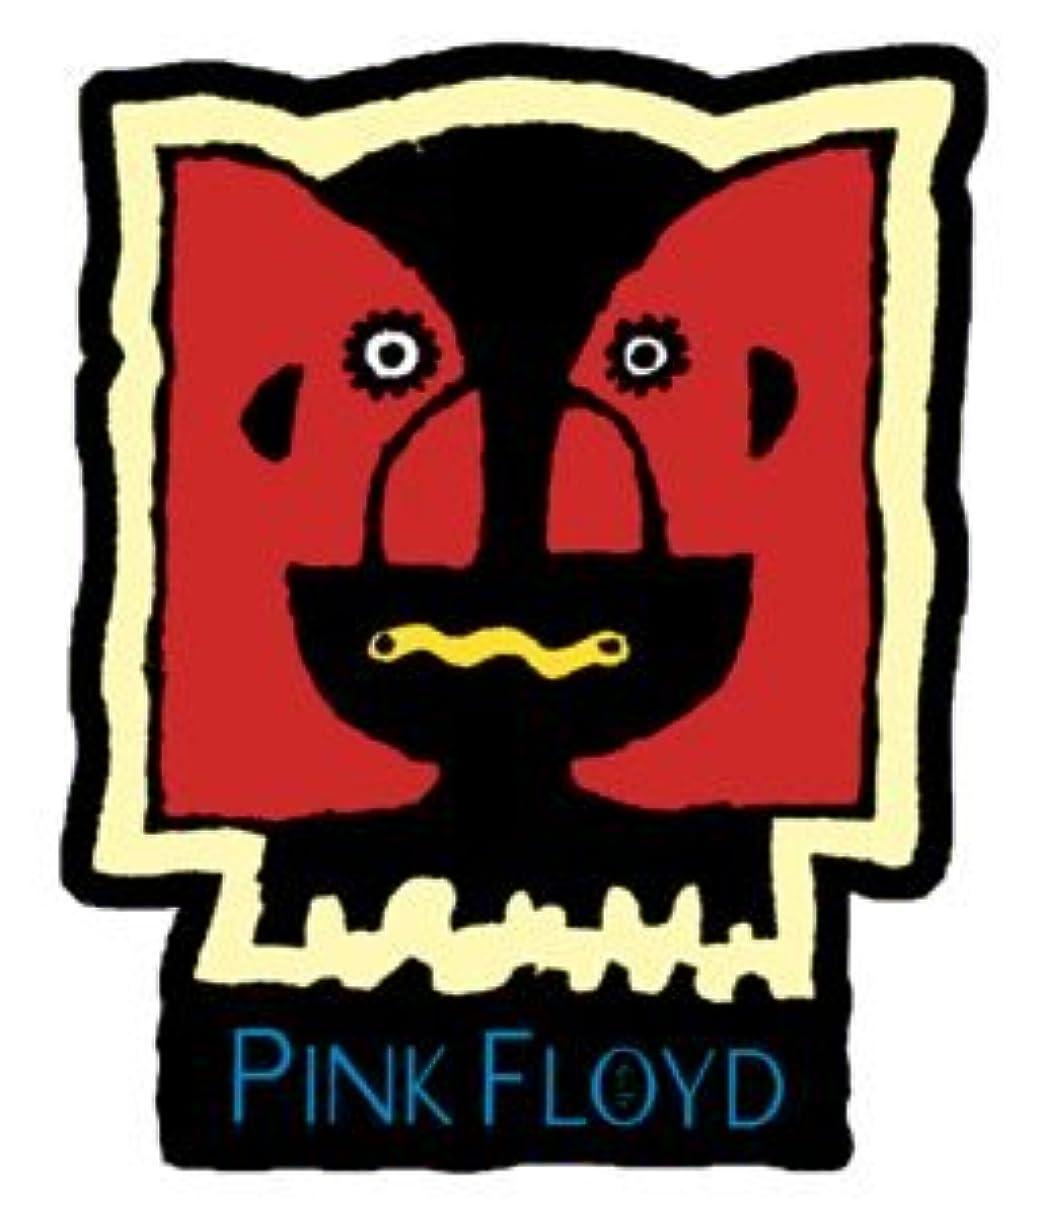 後世ガウン恐れPink Floyd(ピンク・フロイド) アイロン パッチ/ワッペン P-0659